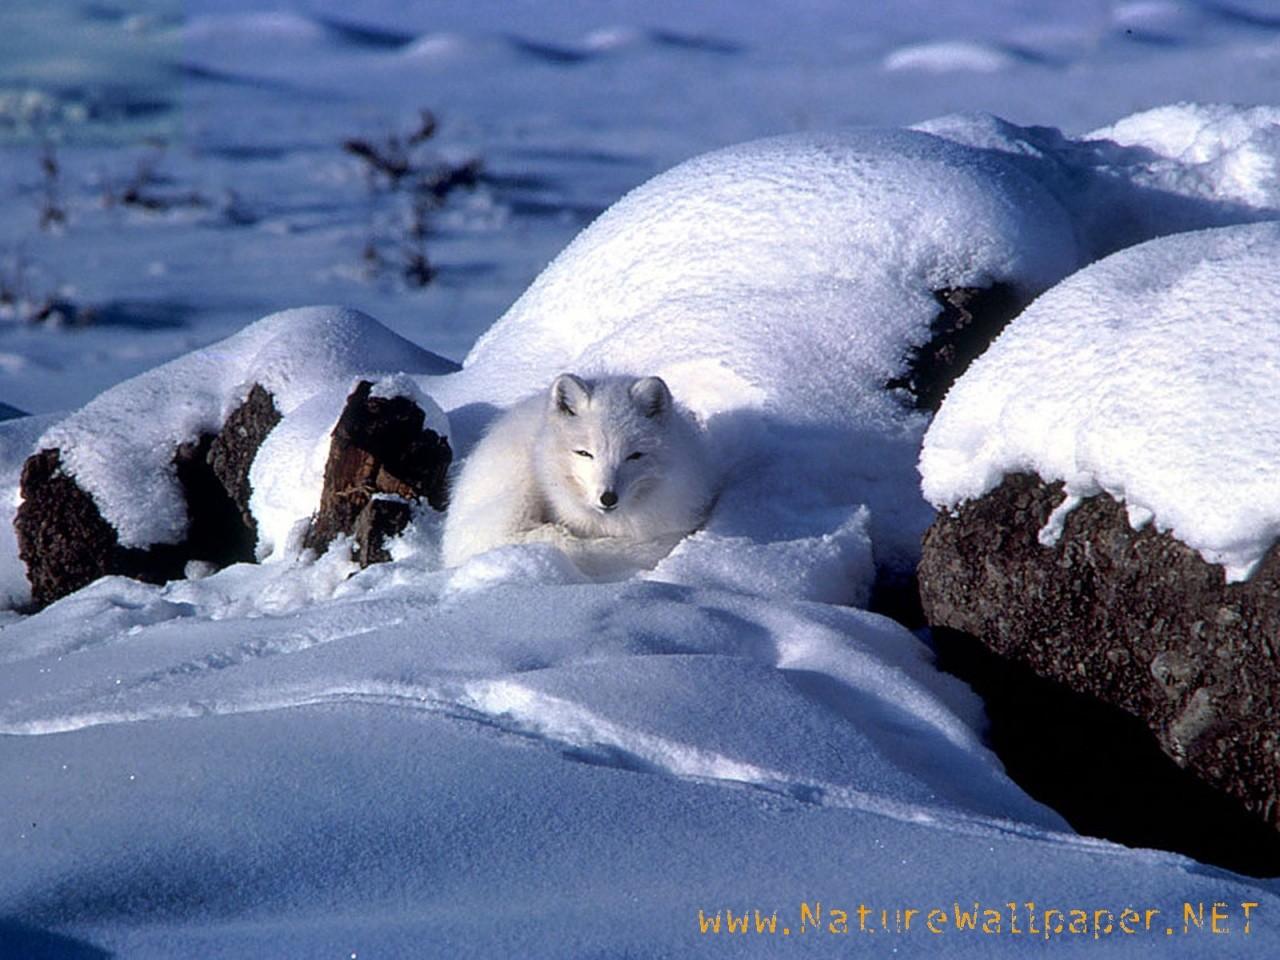 Descargar Gratis Marcos para Fotos de Animales, Gratis